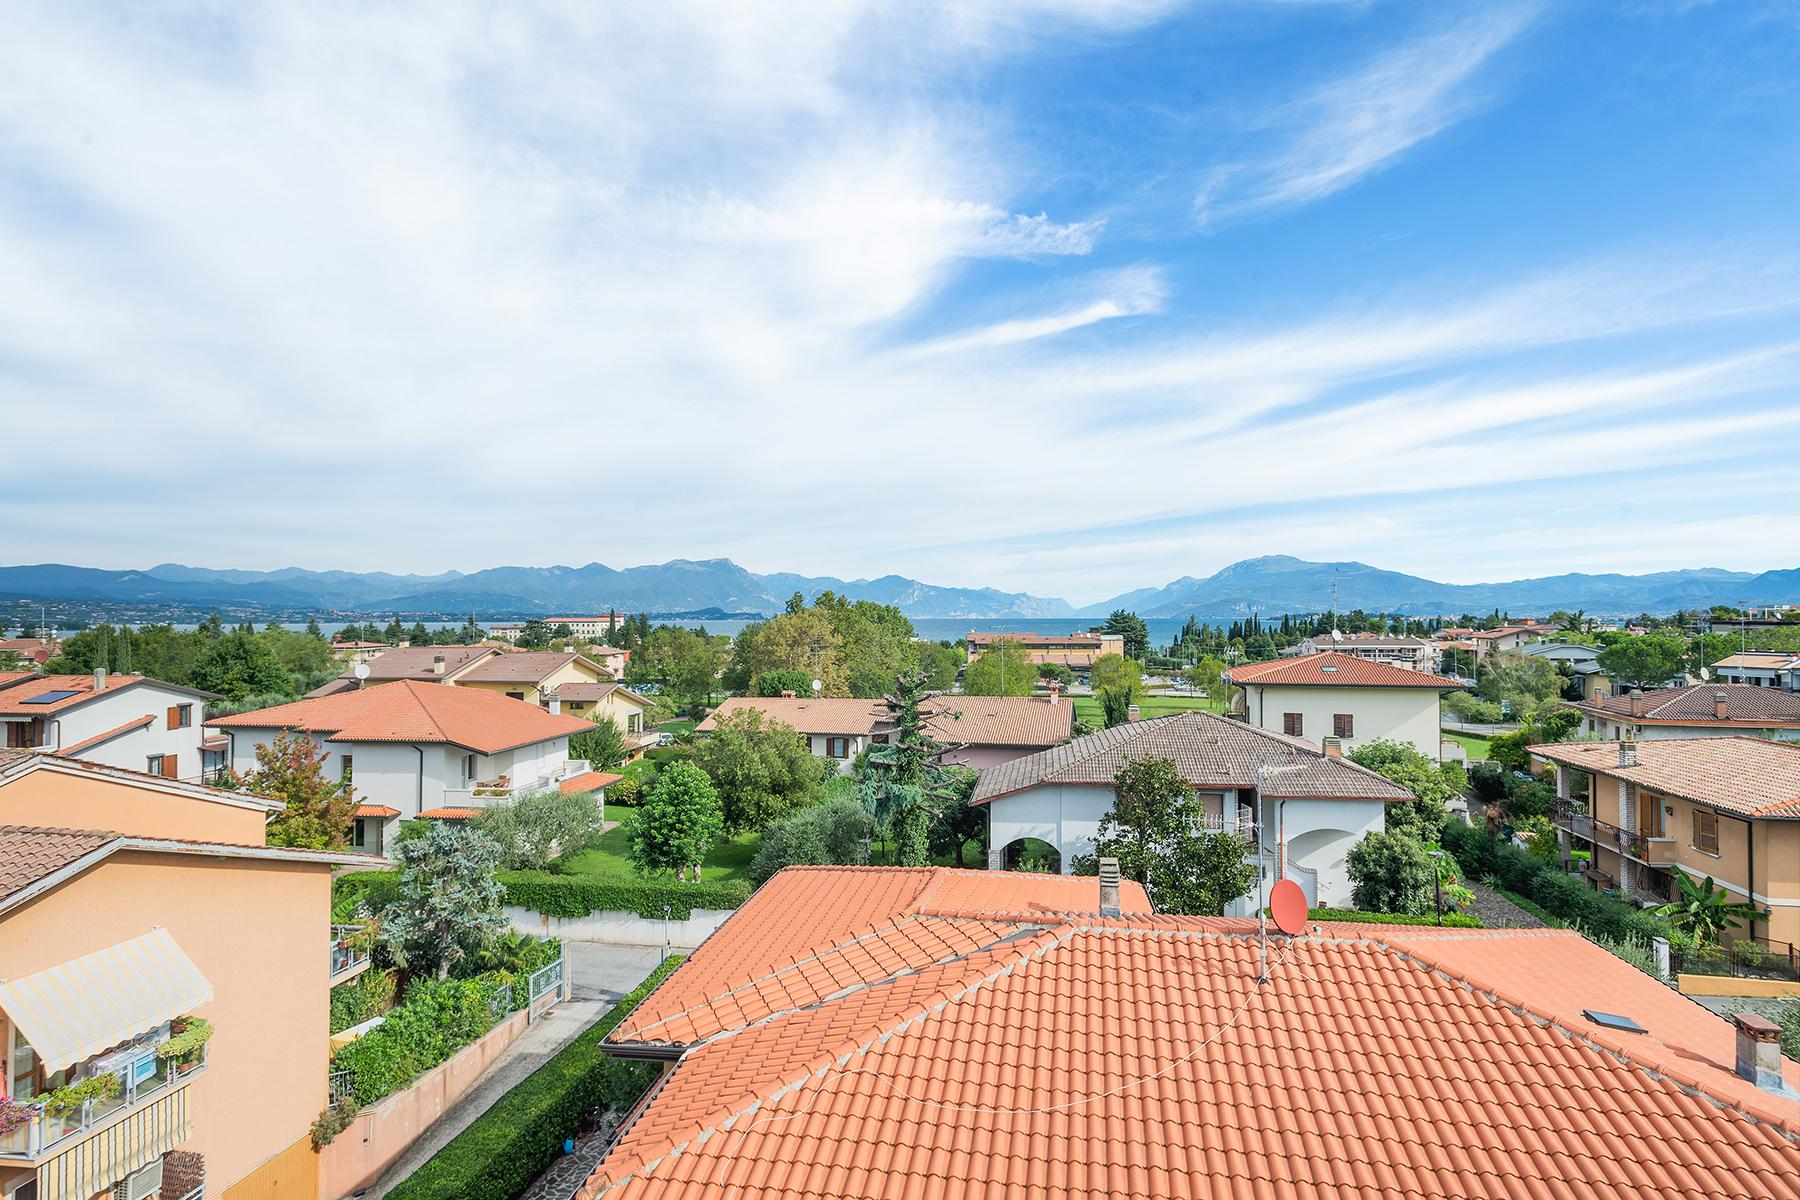 Attico in Vendita a Desenzano Del Garda: 5 locali, 240 mq - Foto 14